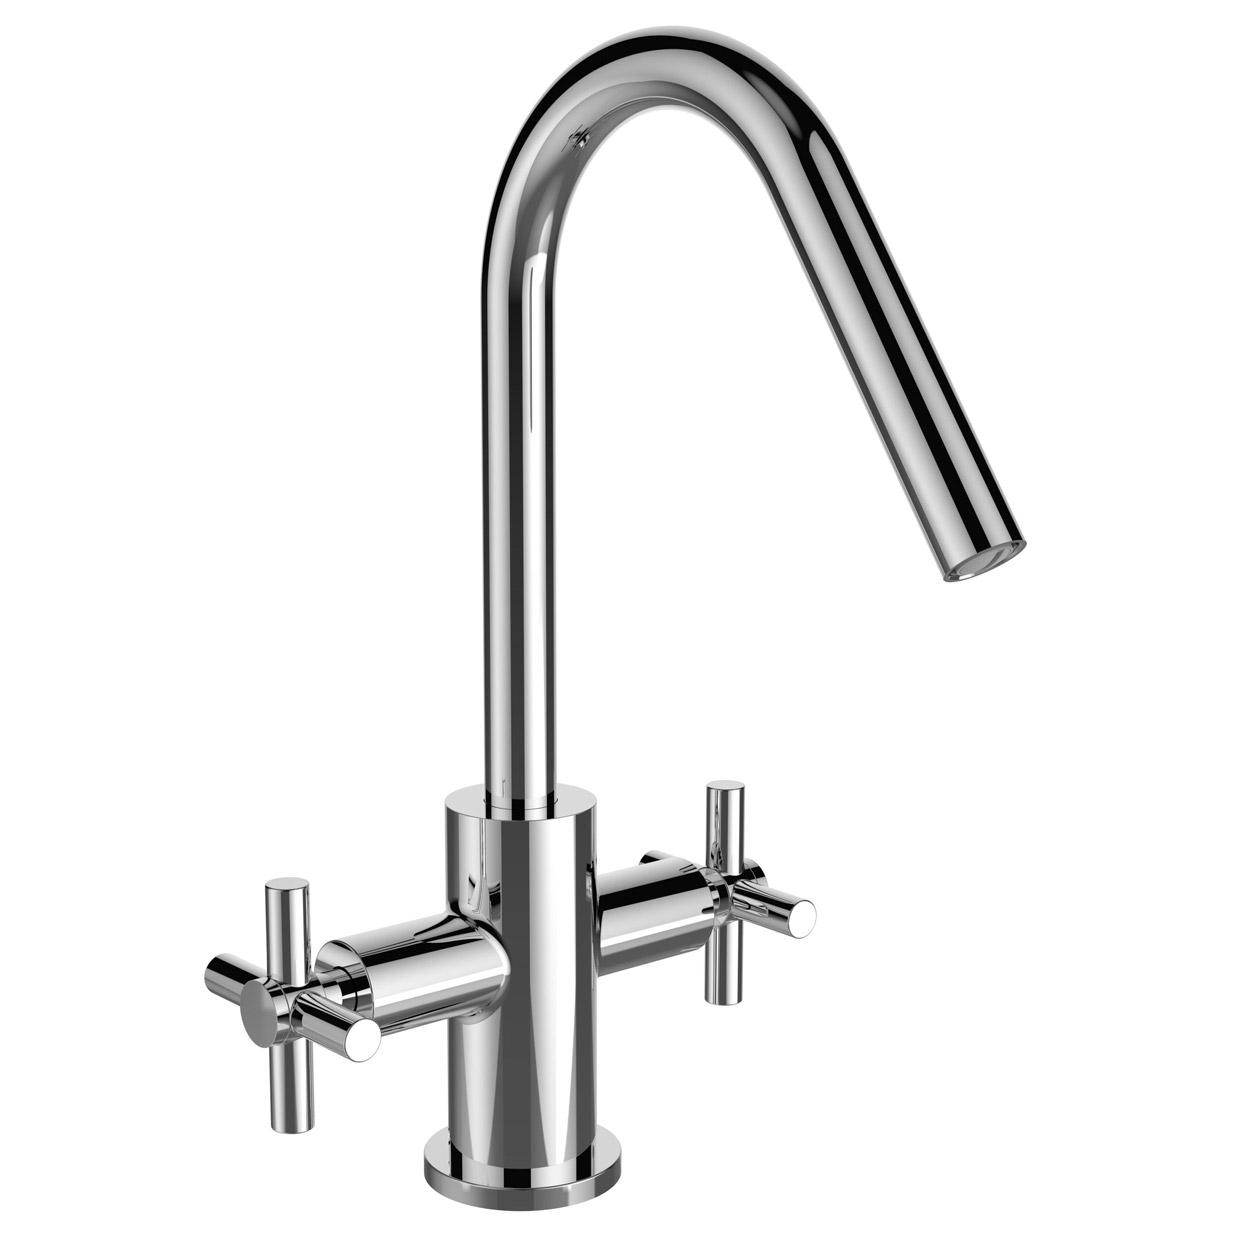 Bristan Pecan EasyFit Mono Kitchen Sink Mixer Tap Dual Handle - Chrome-0